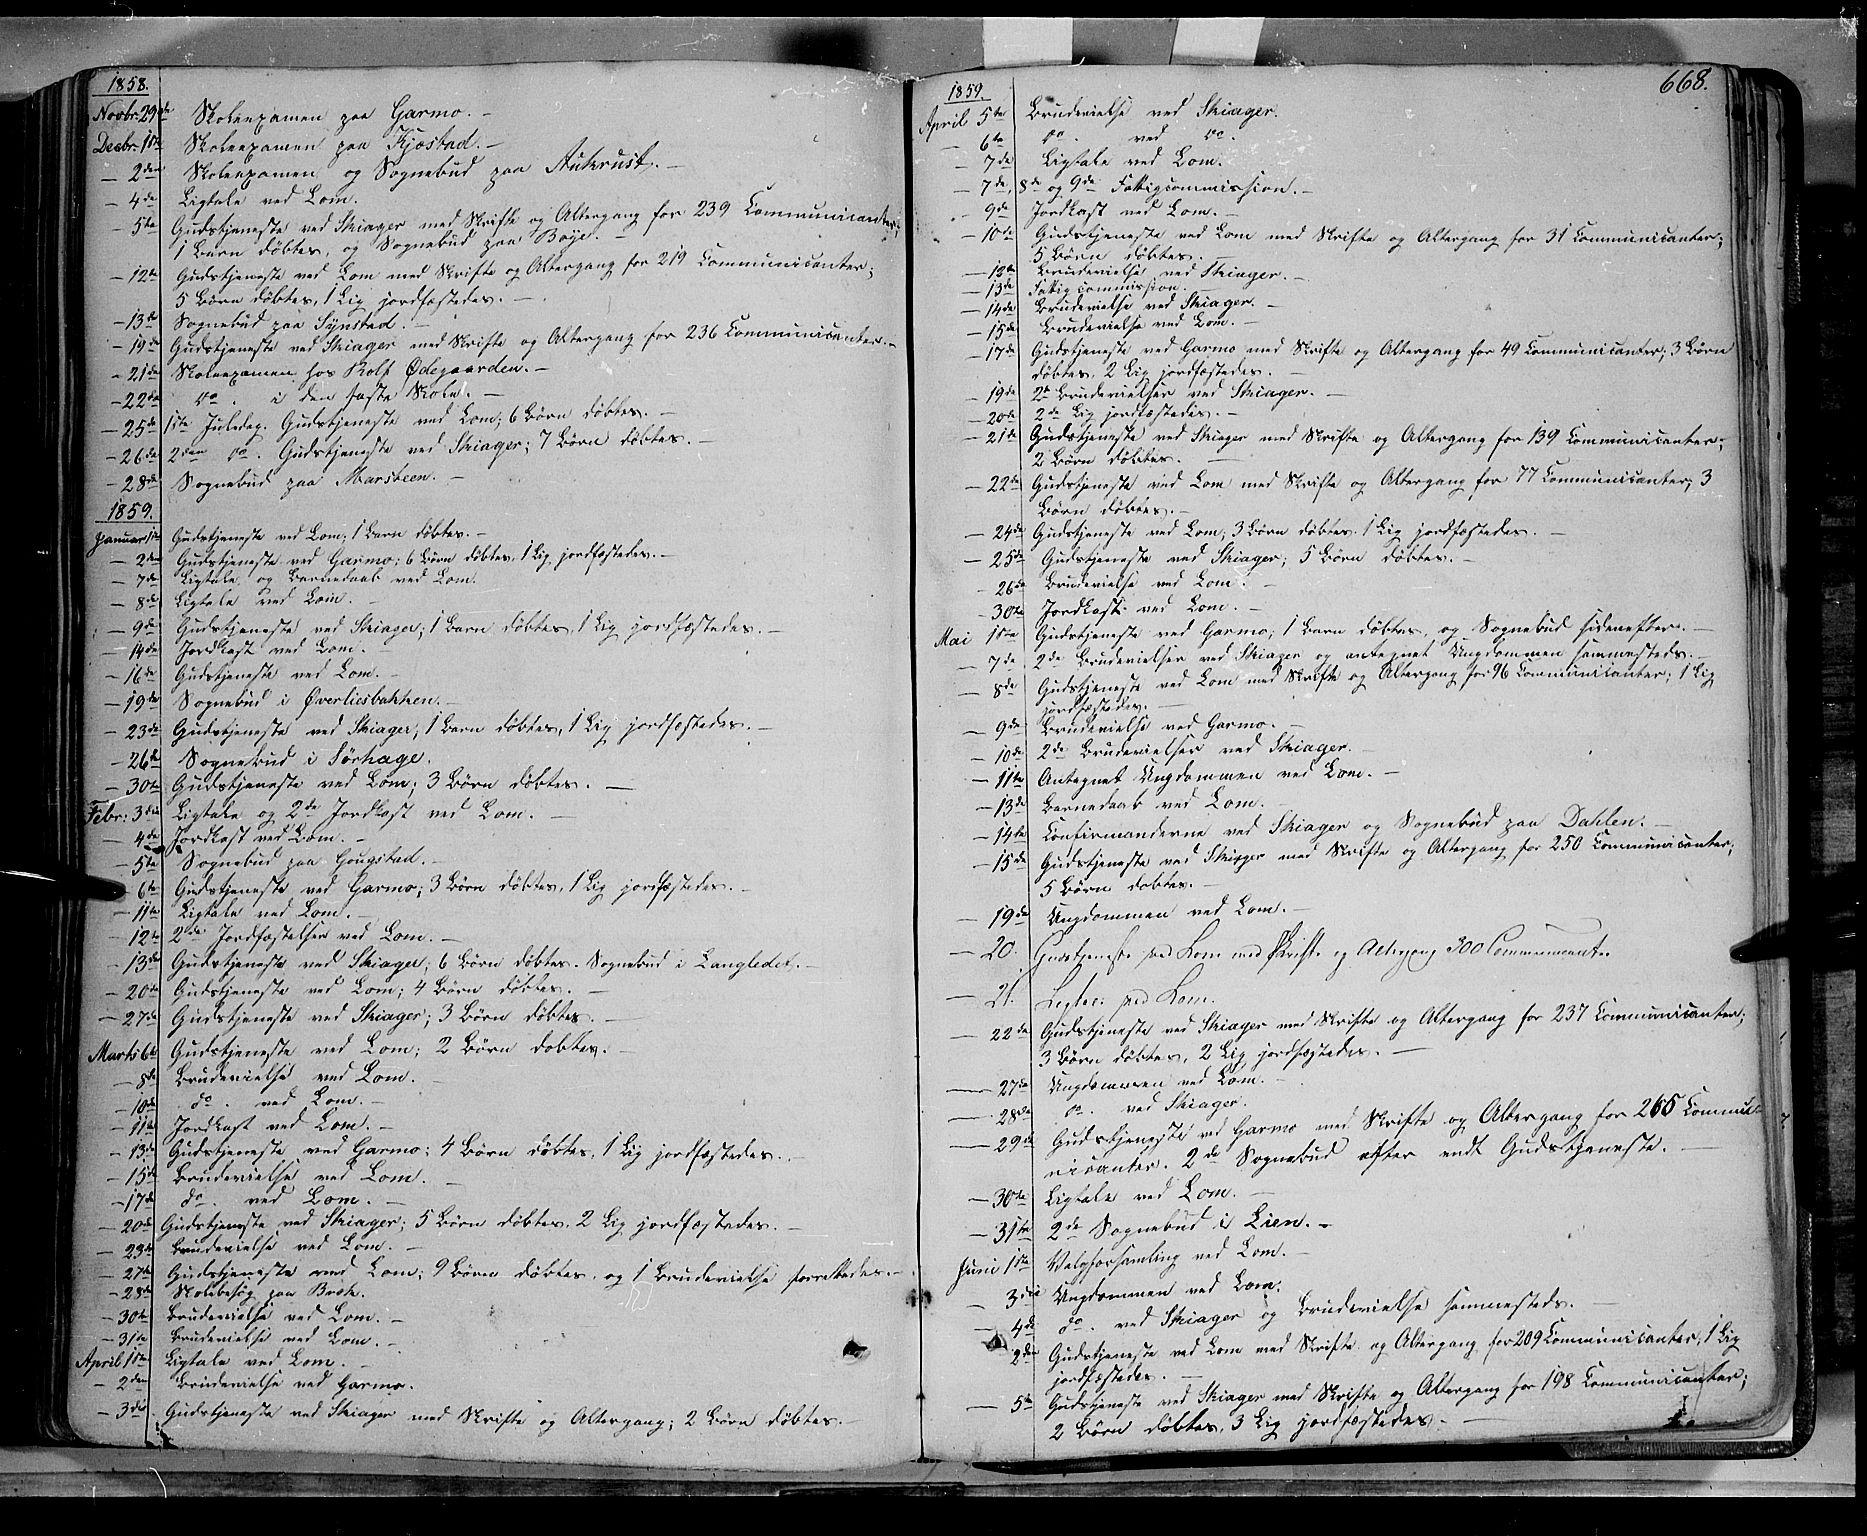 SAH, Lom prestekontor, K/L0006: Ministerialbok nr. 6B, 1837-1863, s. 668